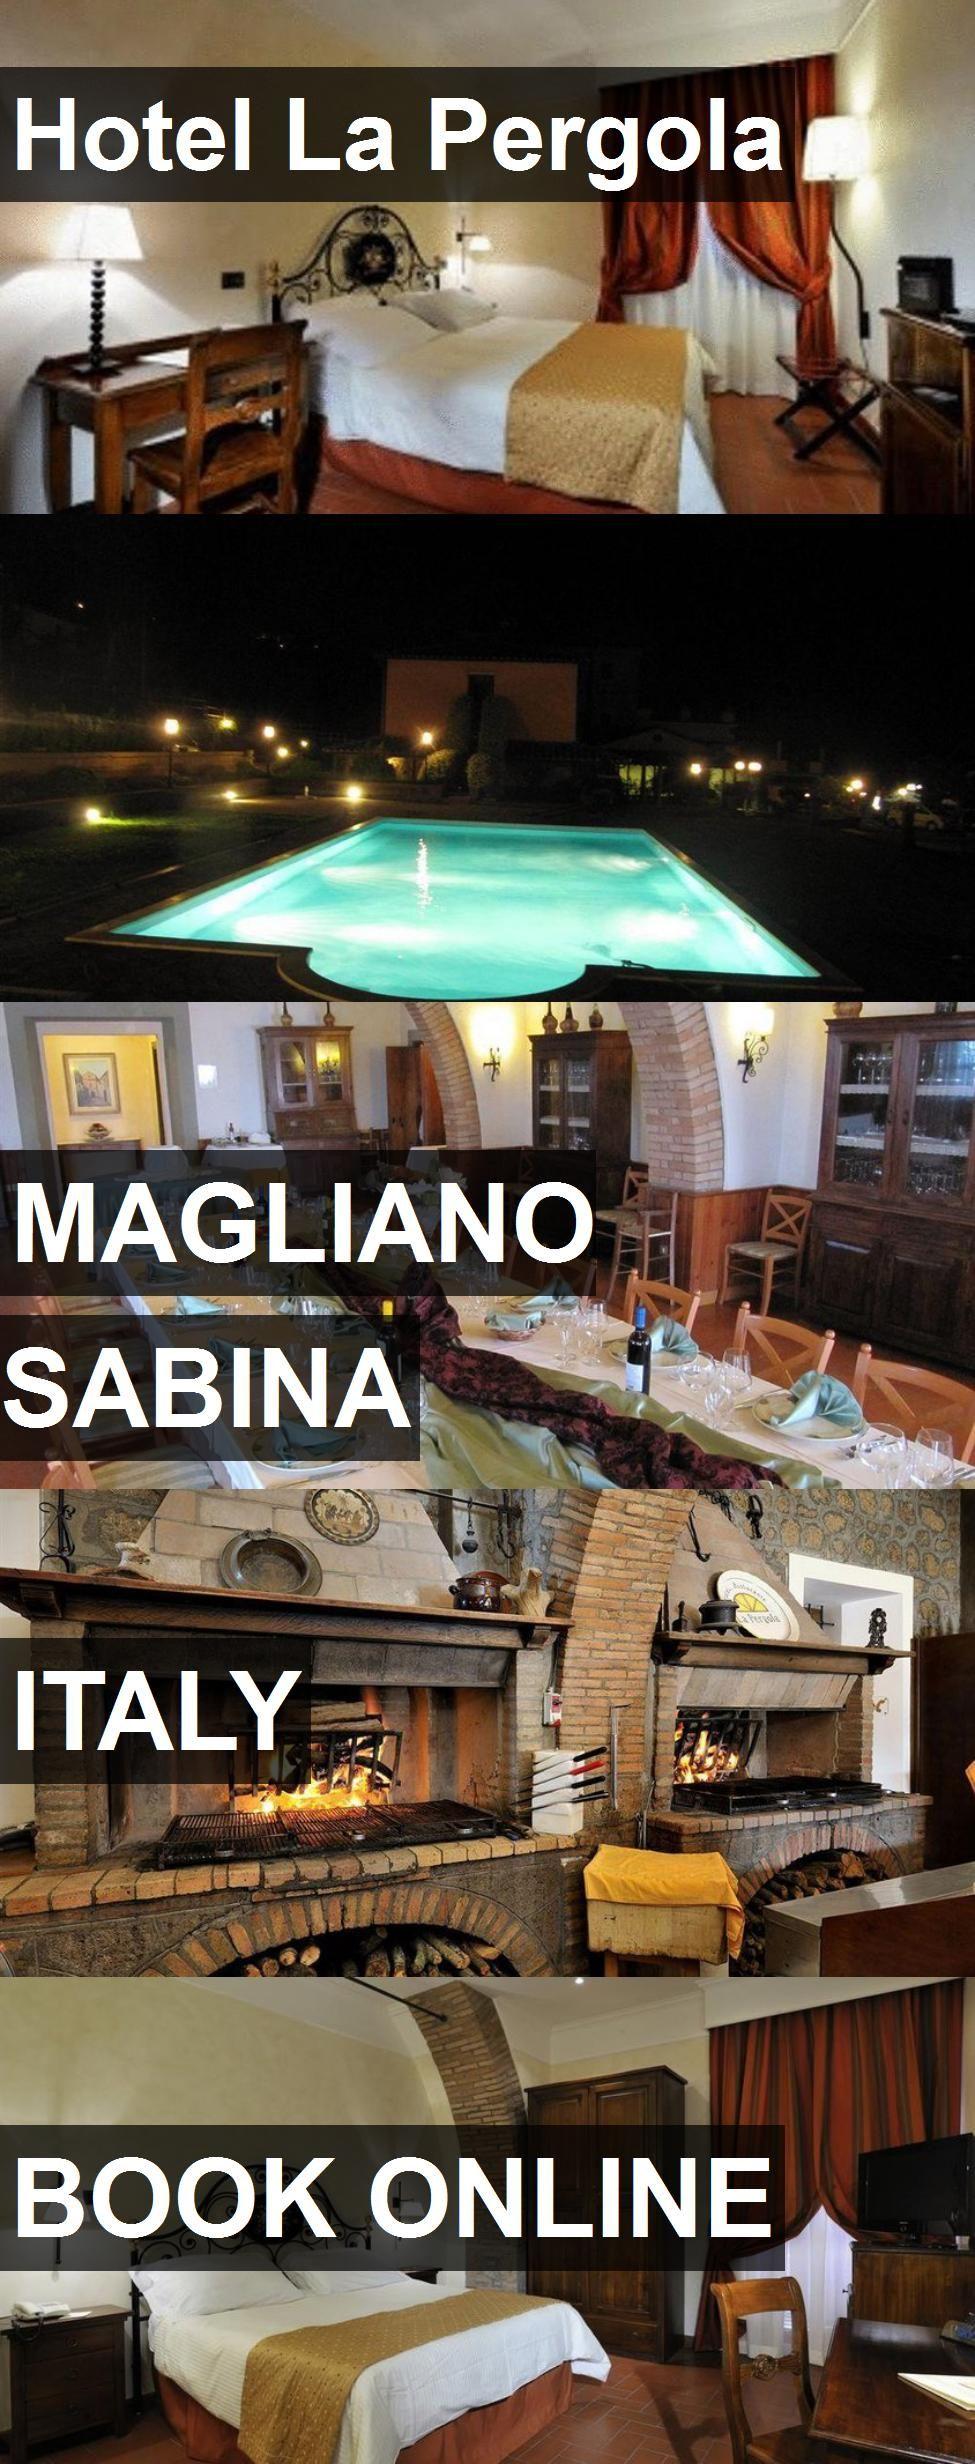 Hotel La Pergola in Magliano Sabina, Italy. For more